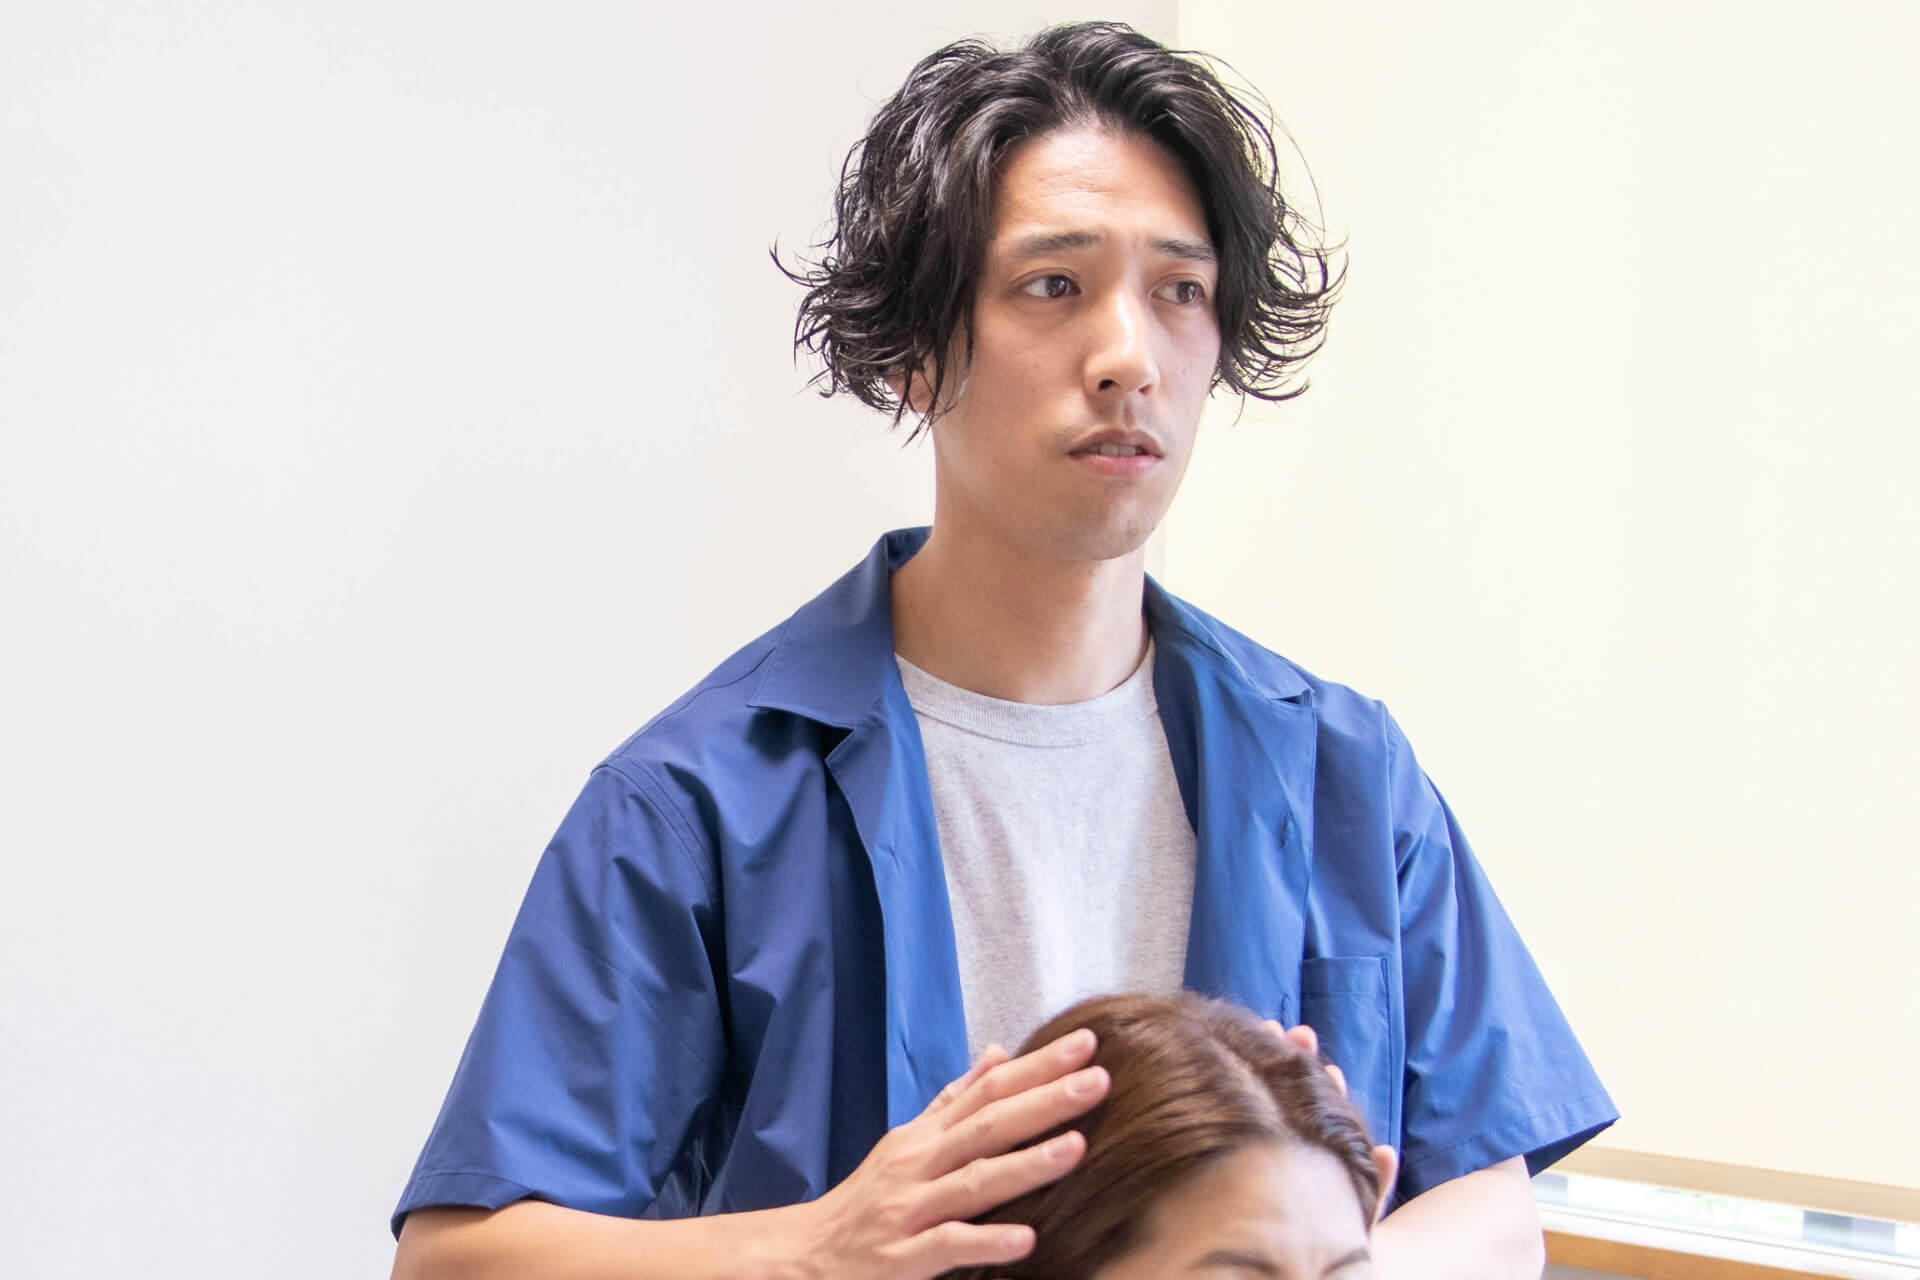 理想の髪型を知る「骨格診断」